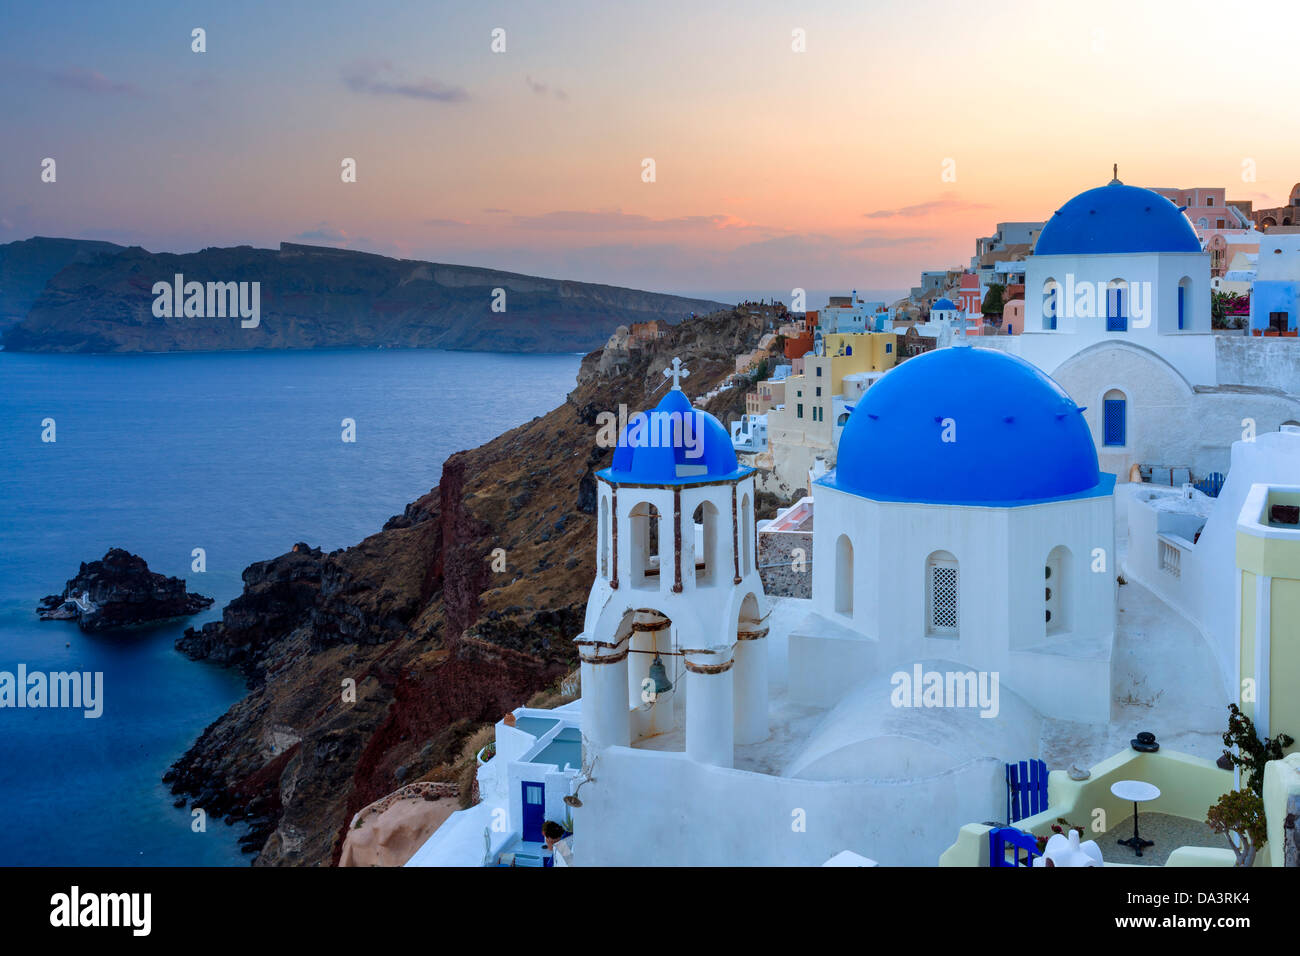 Dämmerung über blauen Kuppelkirchen in Oia Santorini Griechenland Stockbild